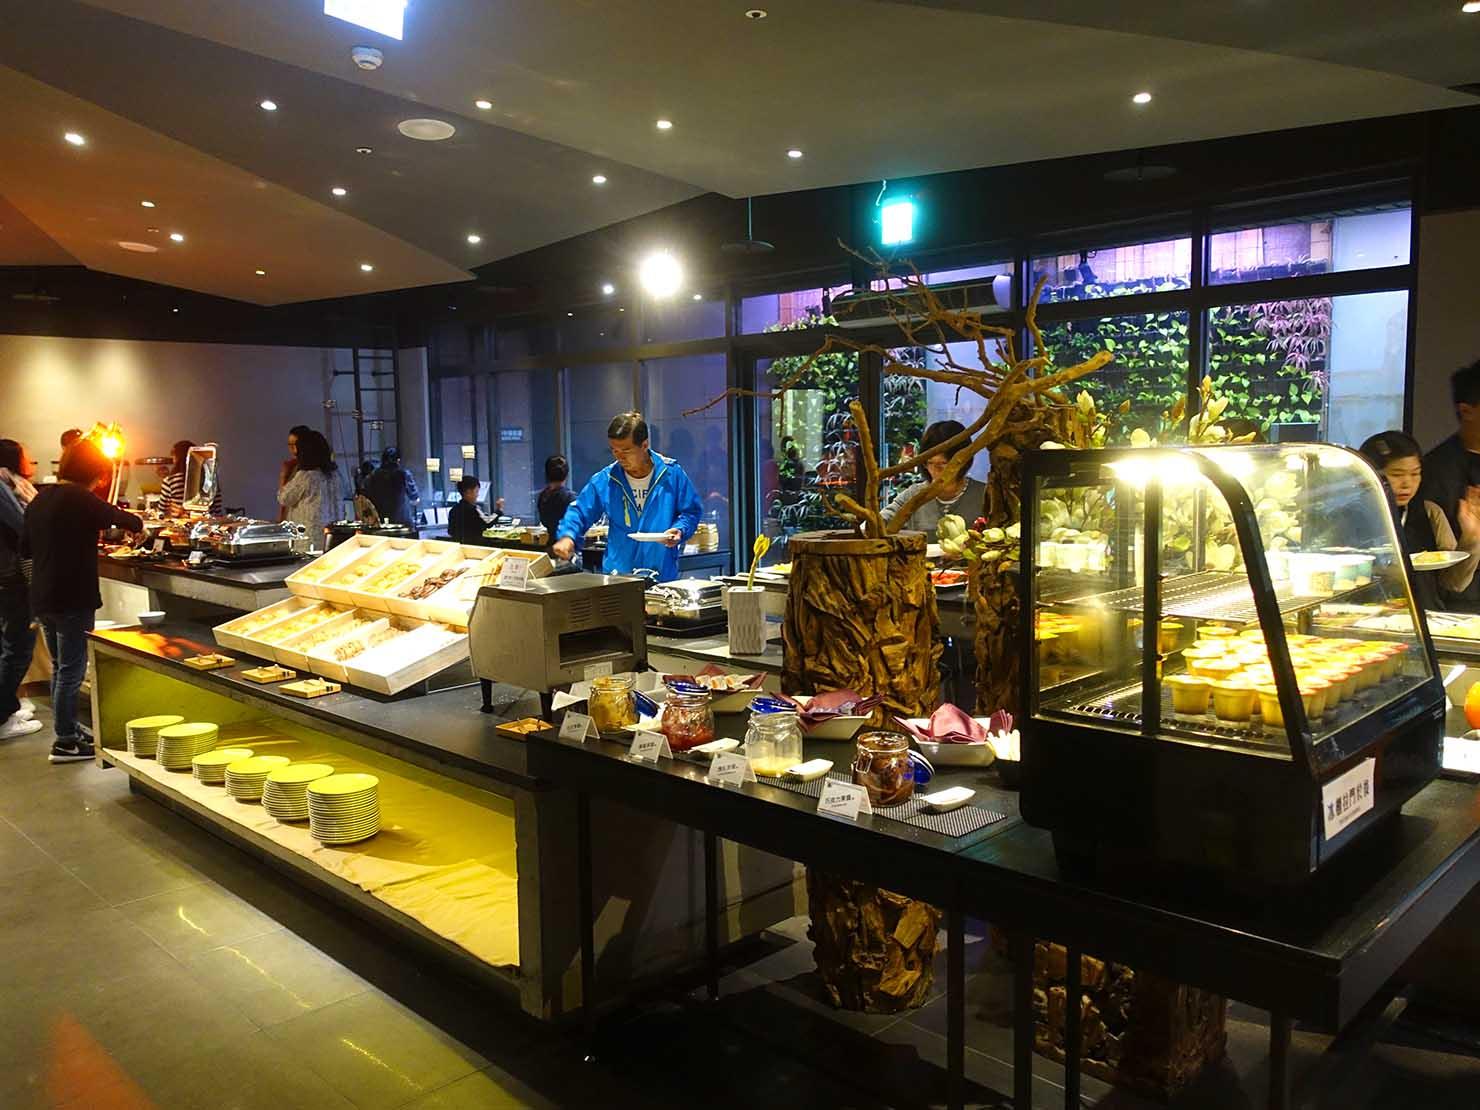 嘉義のおすすめホテル「嘉義觀止」B1F觀止餐廳でいただく朝食ビュッフェの料理カウンター